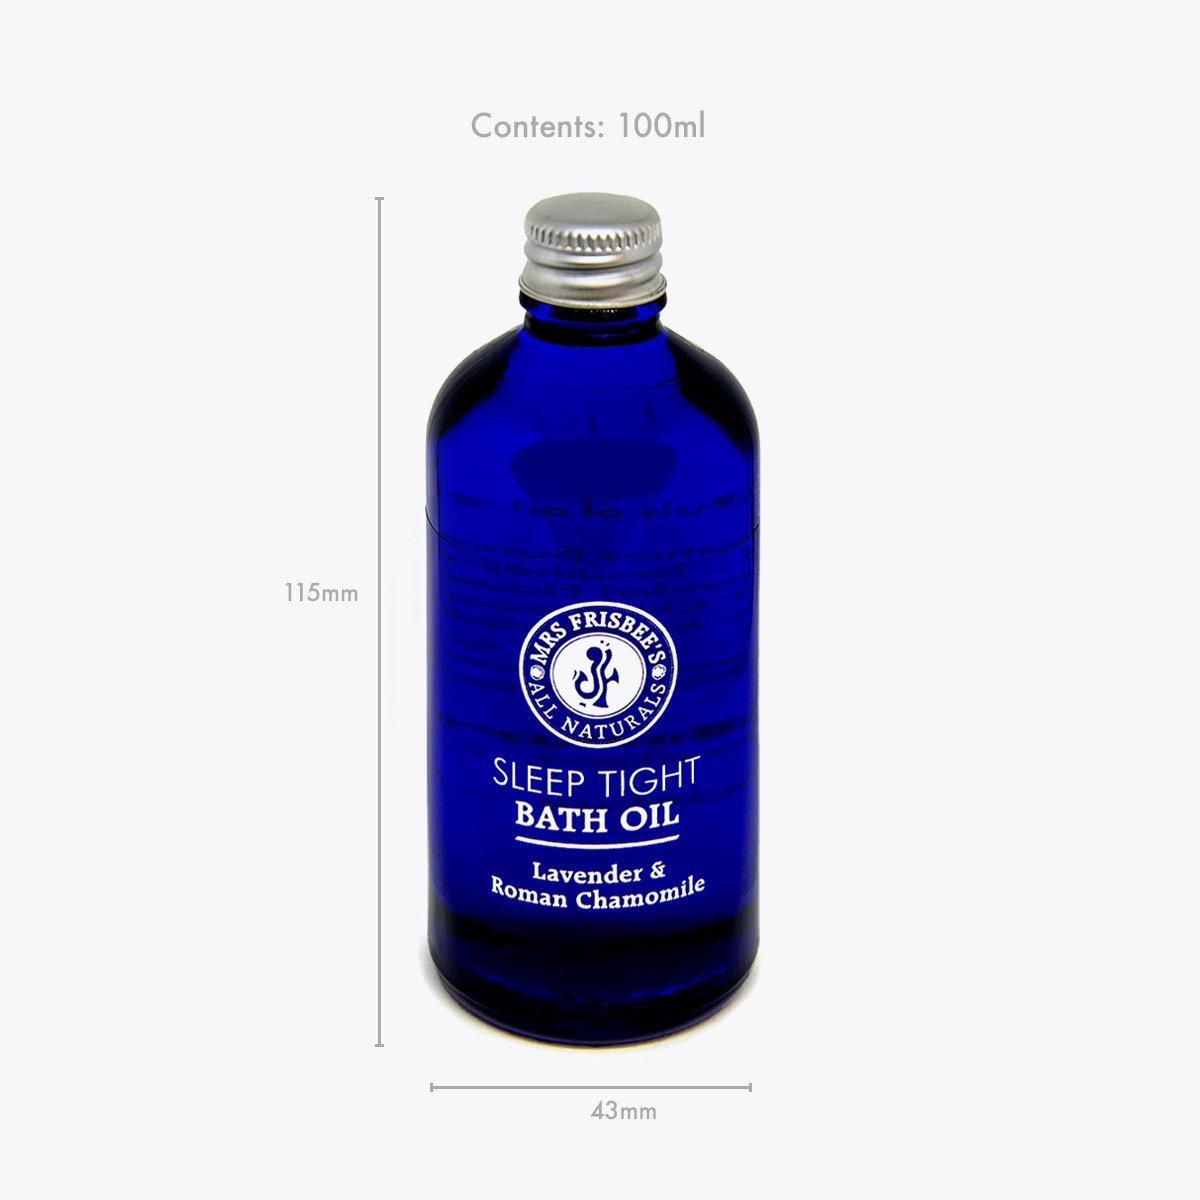 Sleep Tight Bath Oil product dimensions.